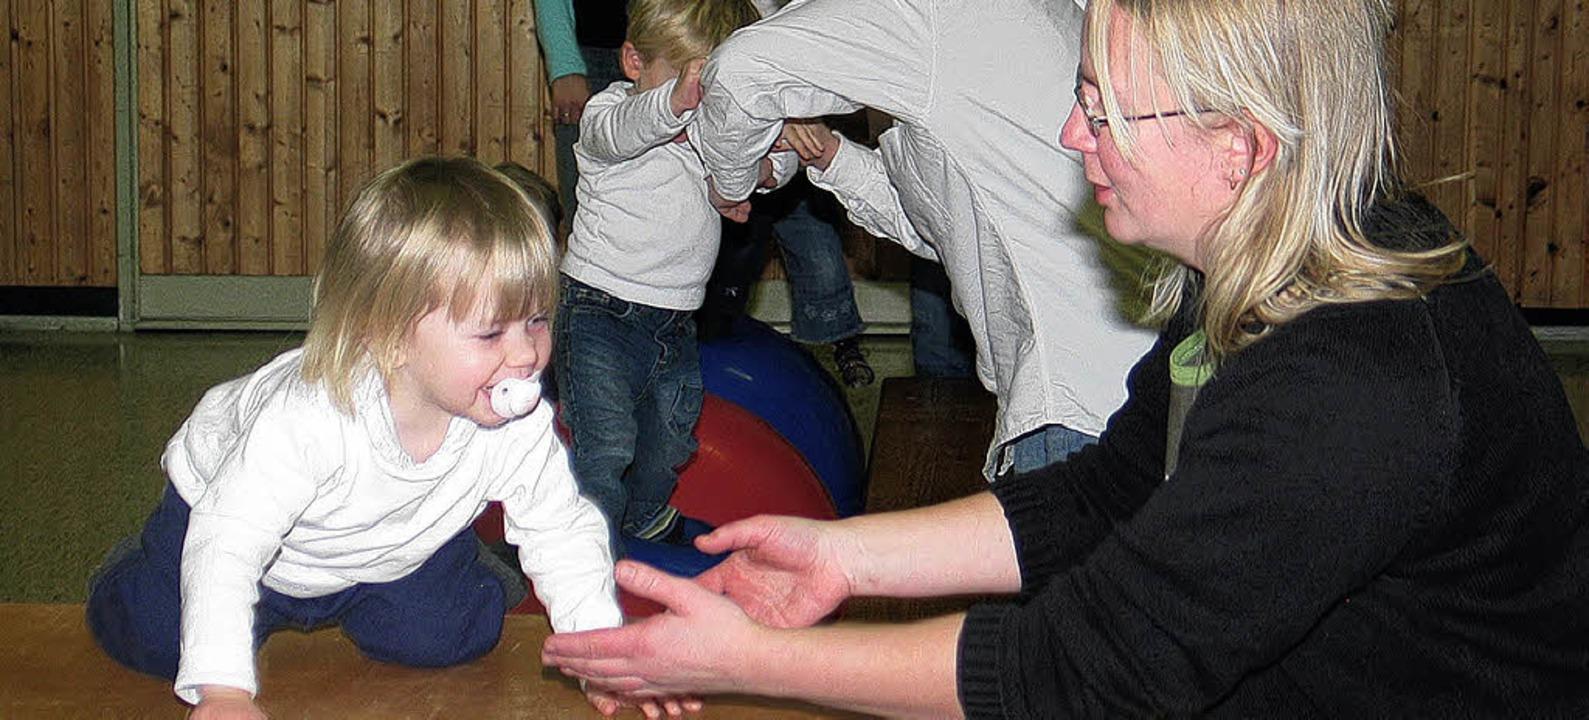 Bei der TuS-Nikolausfeier gab es für d... zum Erwachsenwerden - auch im Verein.  | Foto: Dennis Özkan